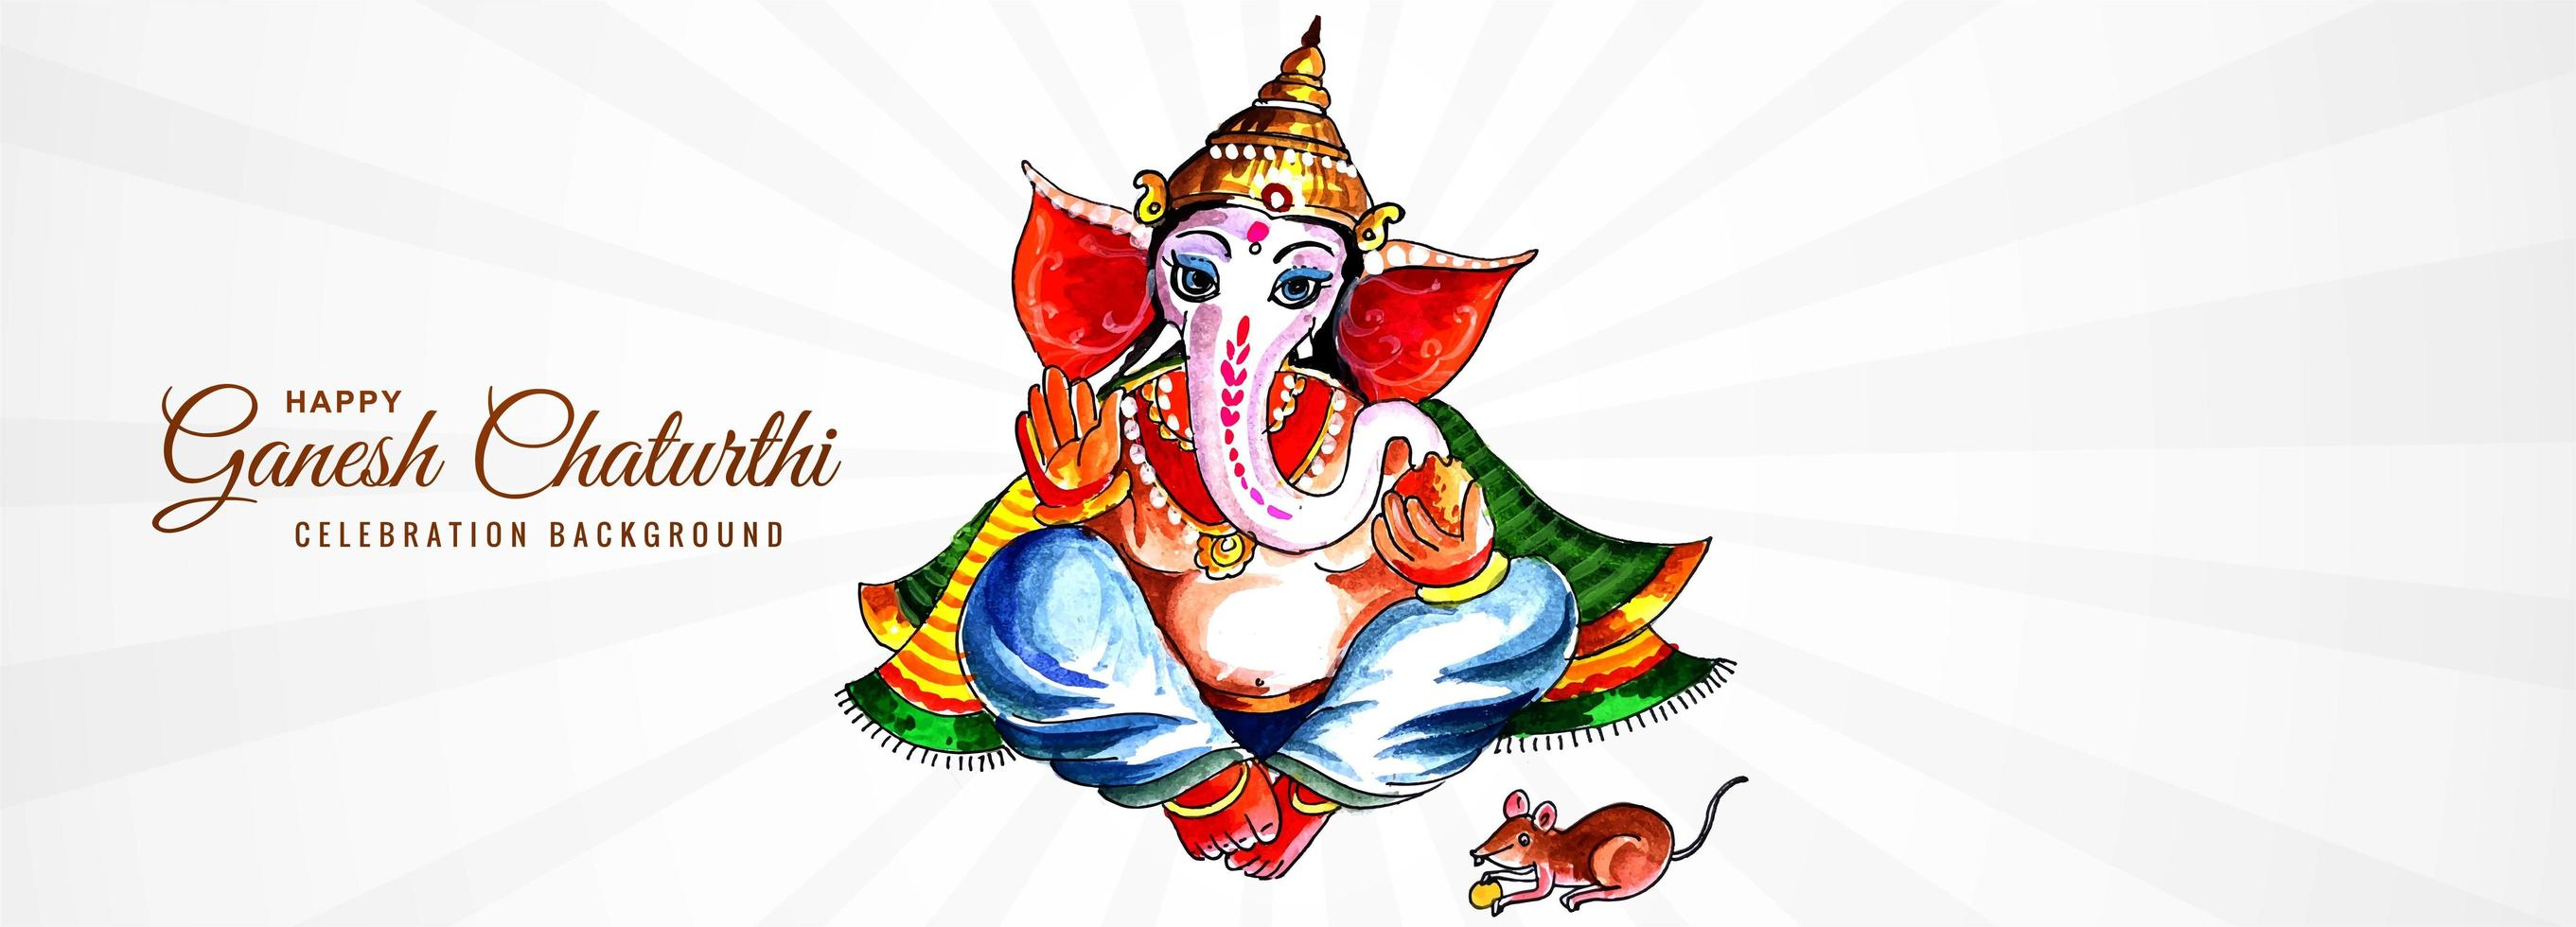 oración al señor ganesha por la bandera de ganesh chaturthi vector